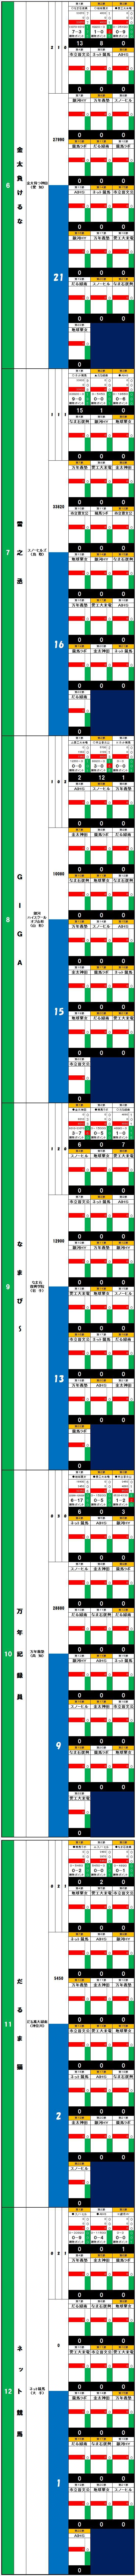 20140803・ダルマンリーグ第3節後半終了個人成績データ②.jpg